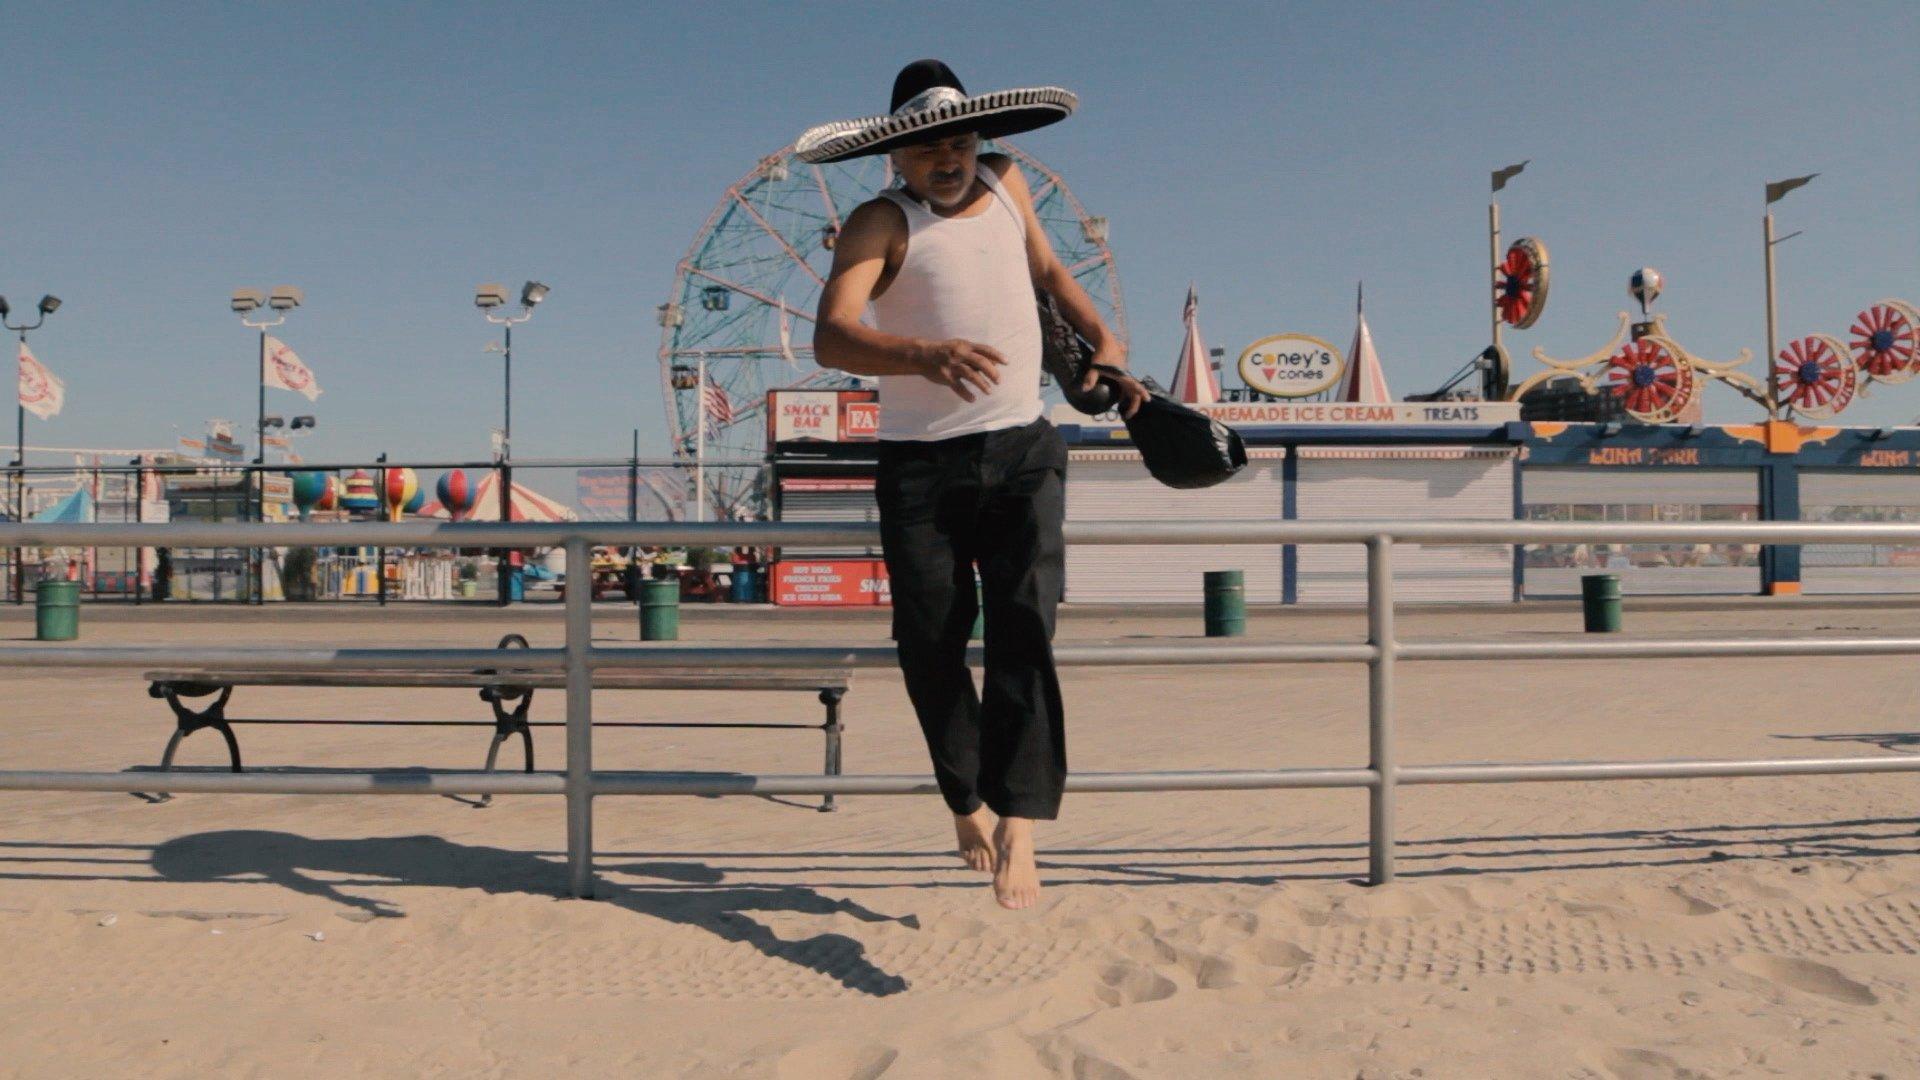 Ya me voy: la soledad de los migrantes 'ilegales' hecha cine